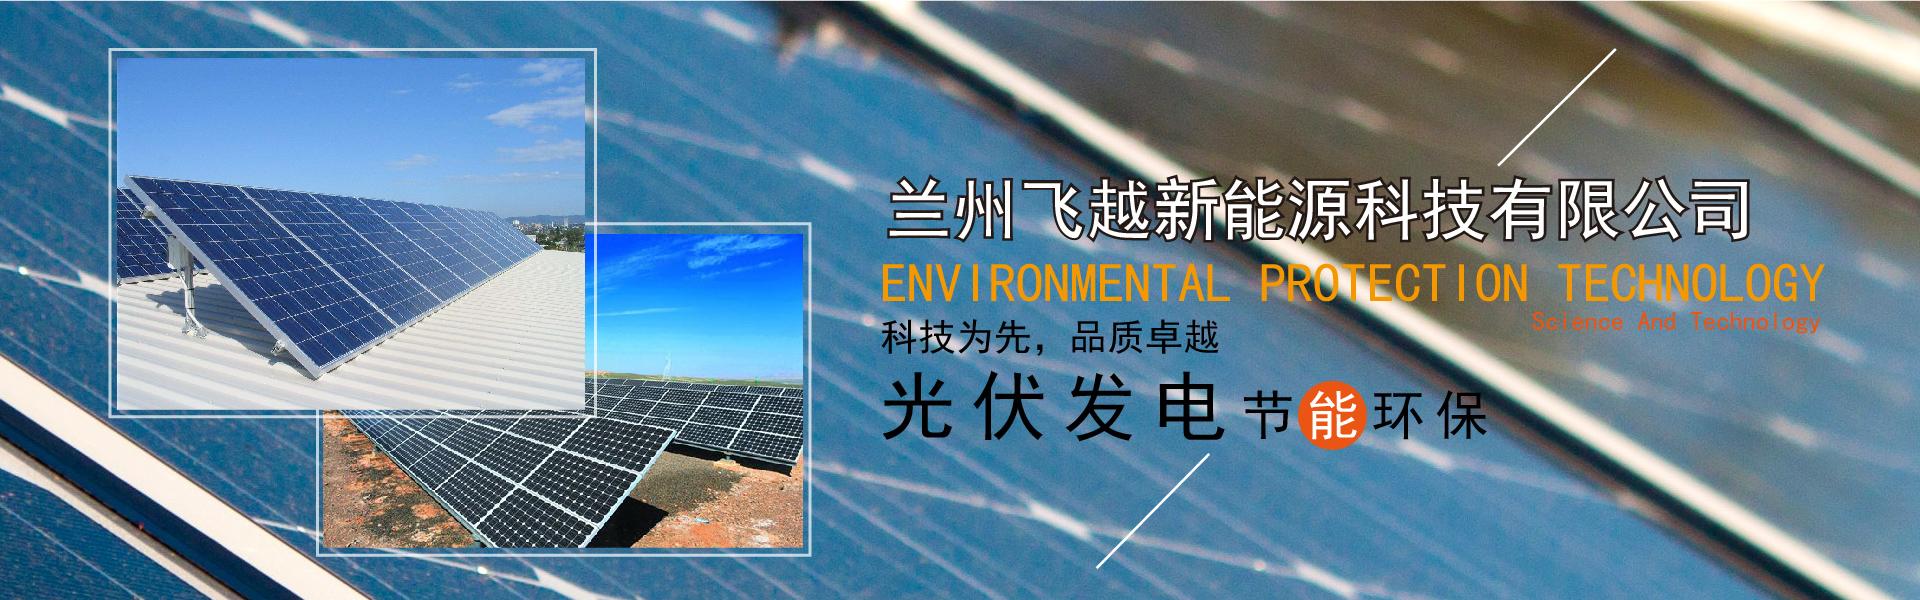 兰州飞越新能源科技有限公司